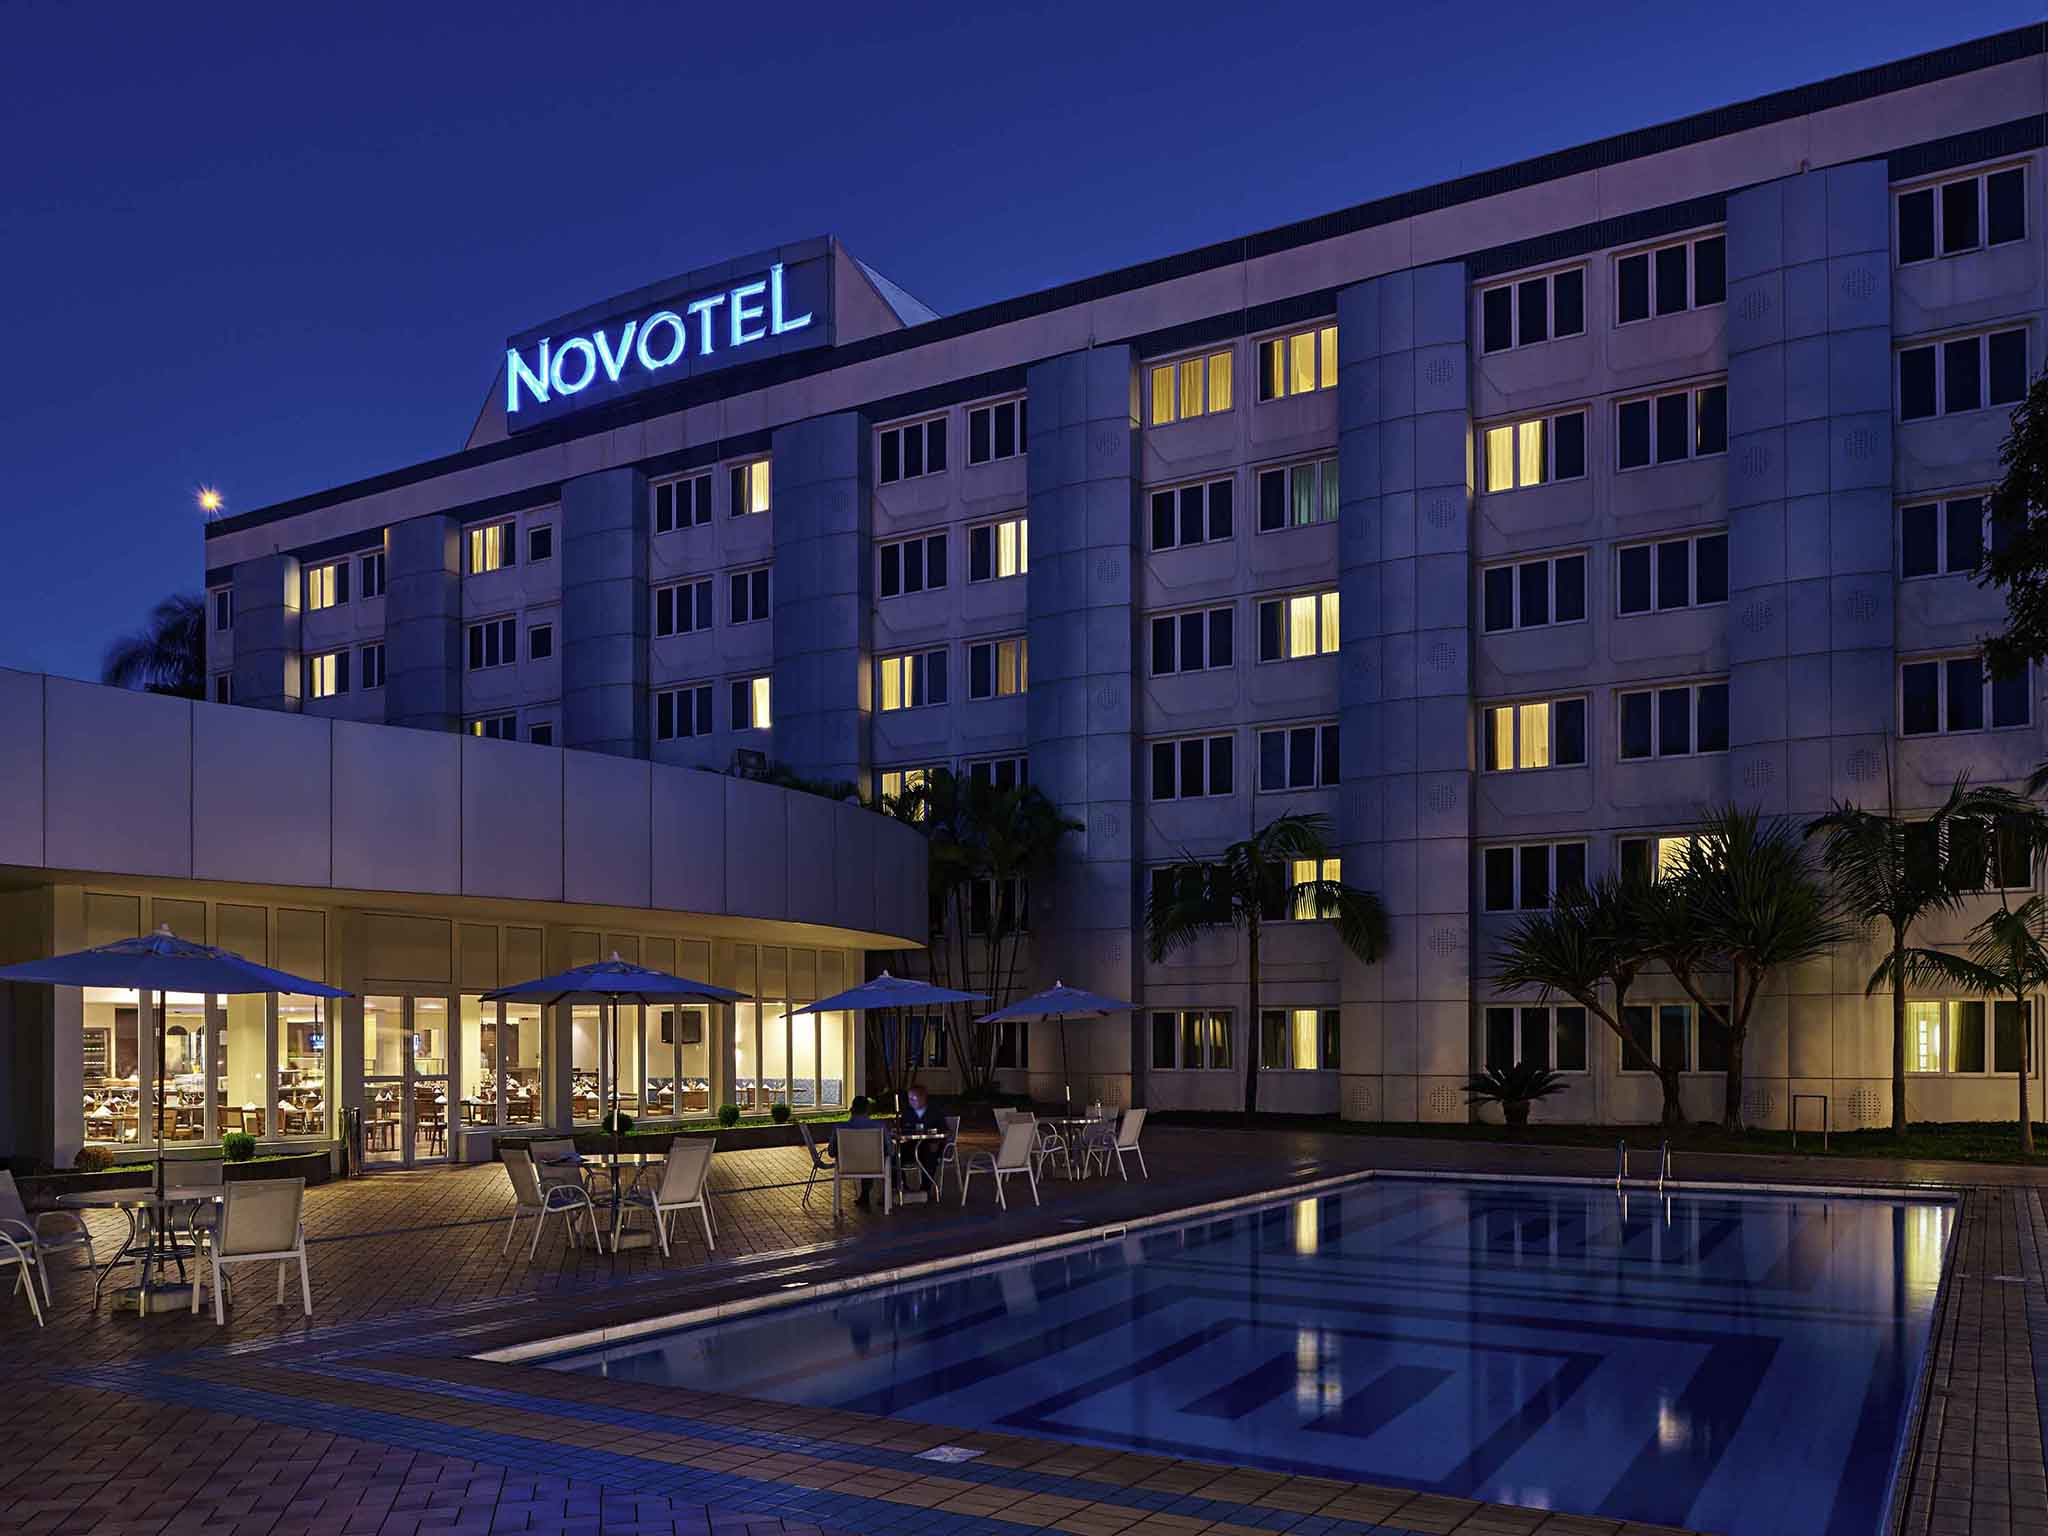 Hotelaria Novotel São José dos Campos